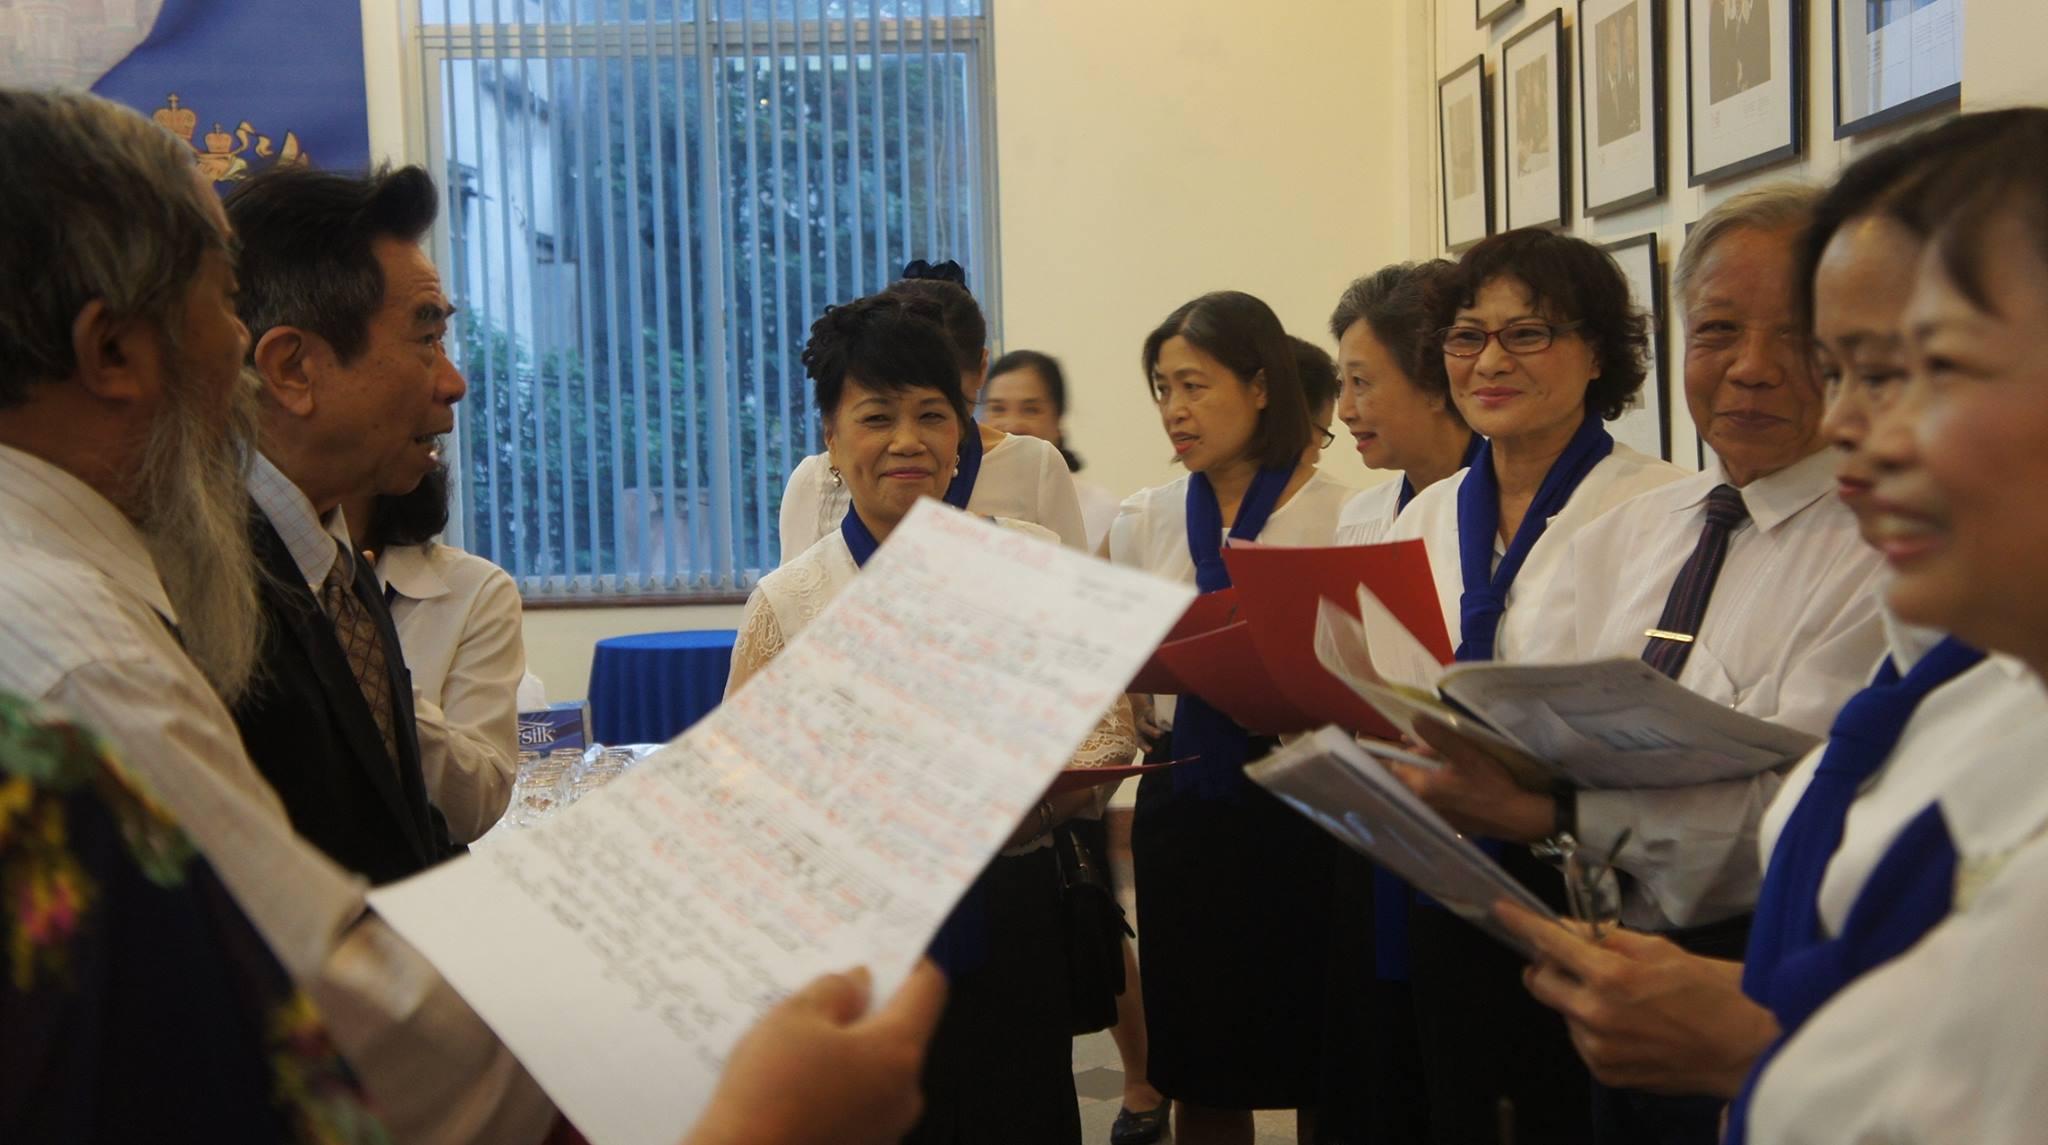 Клуб «Берёзка» - место встречи вьетнамских любителей русского языка, русской музыки и культуры